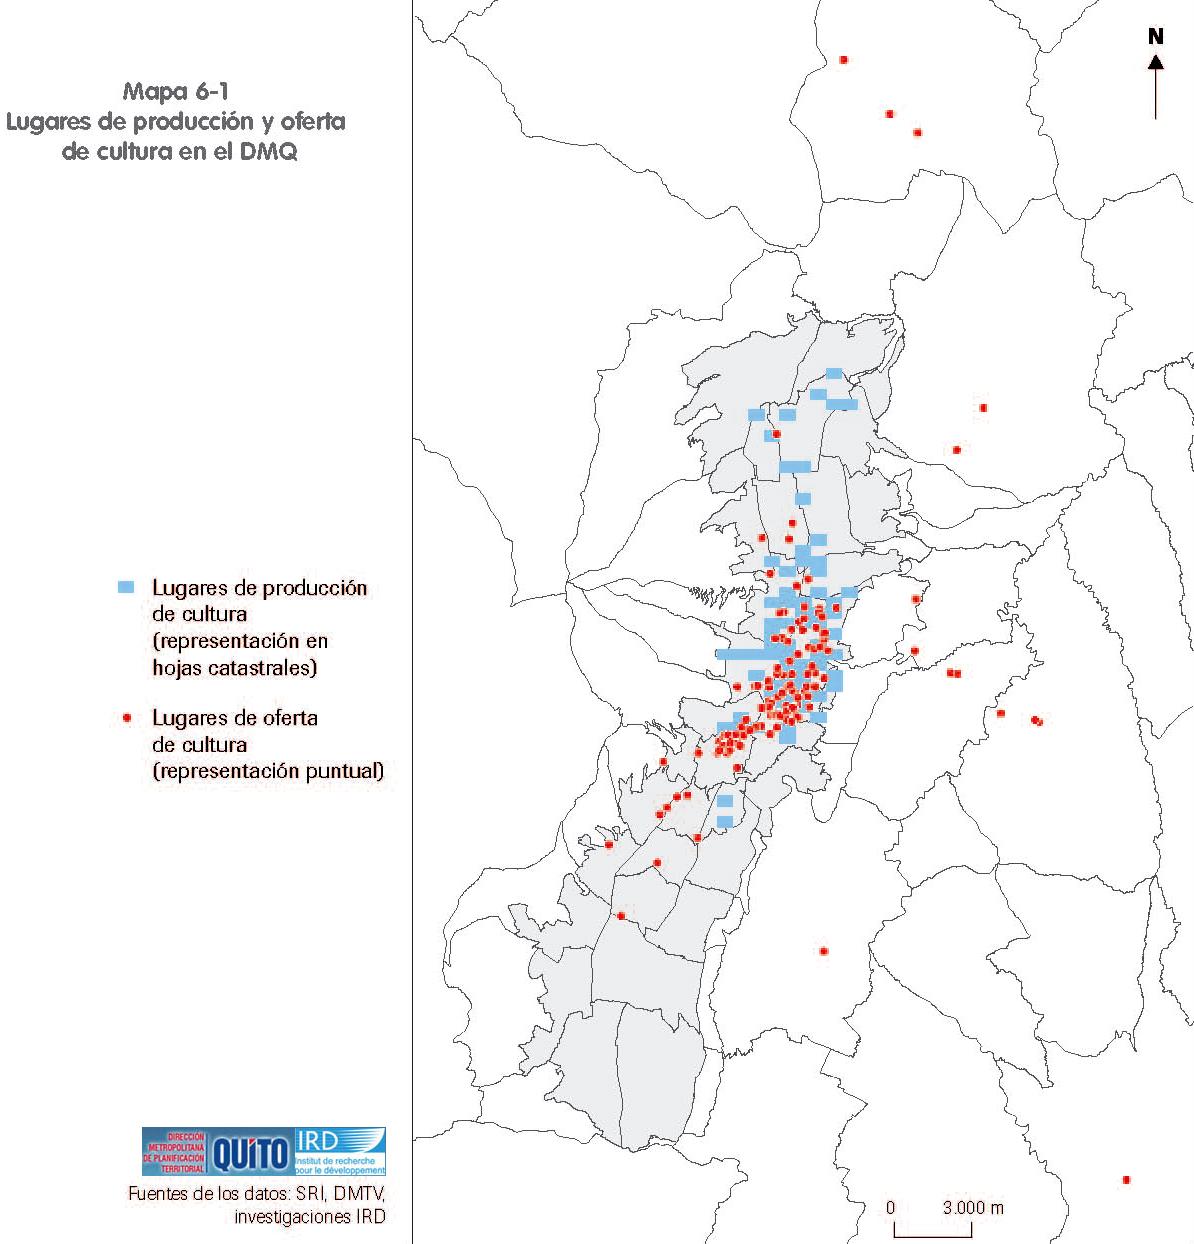 Mapa de Producción y oferta de cultura en el Distrito Metropolitano de Quito 2001